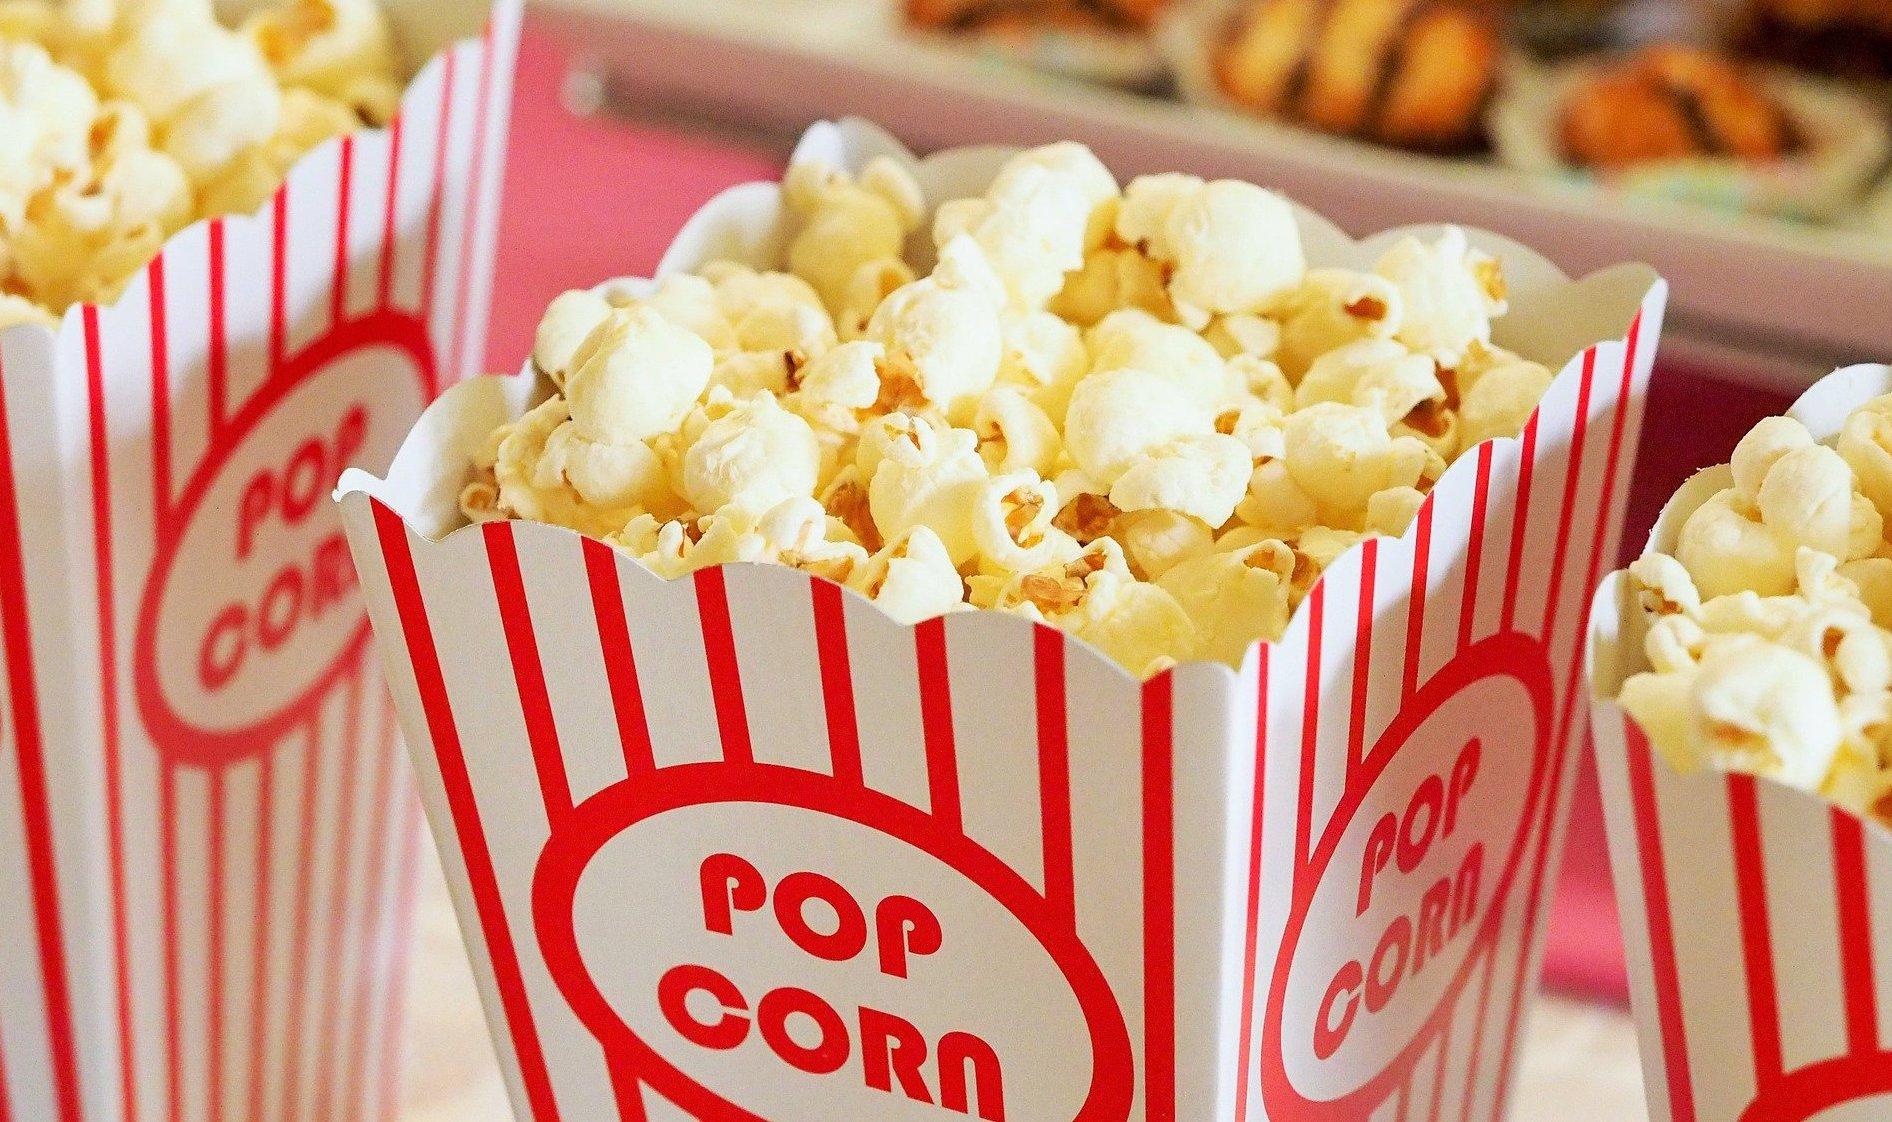 Endlich: Kinos dürfen öffnen und Sport bis 300 Personen